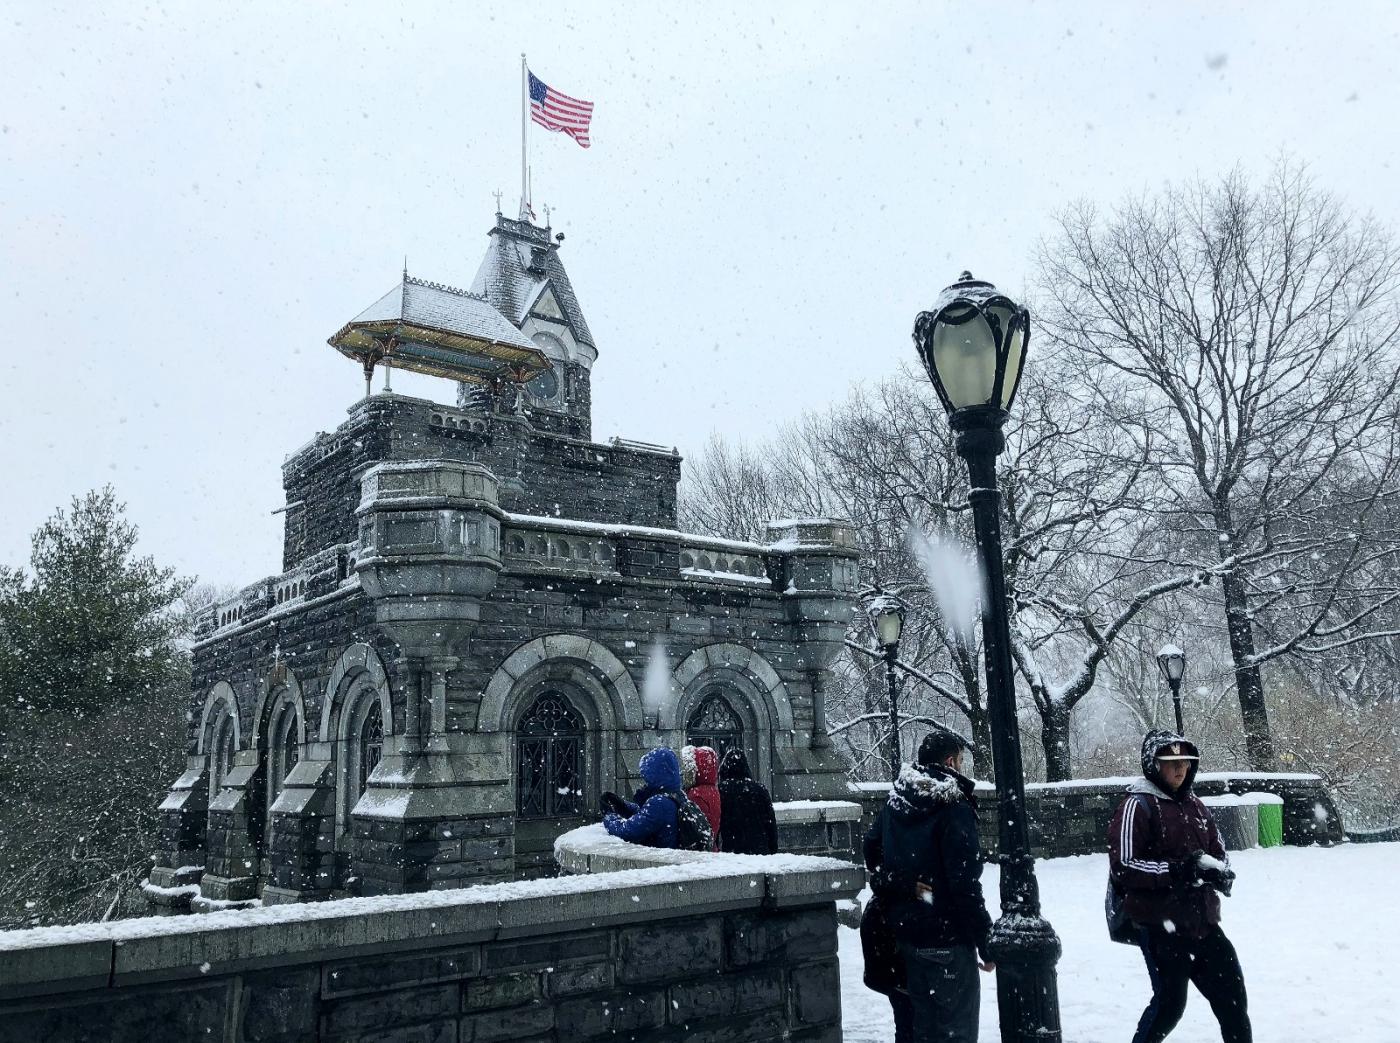 【田螺手机摄影】在纽约市拍雪景、还是中央公园最漂亮_图1-20